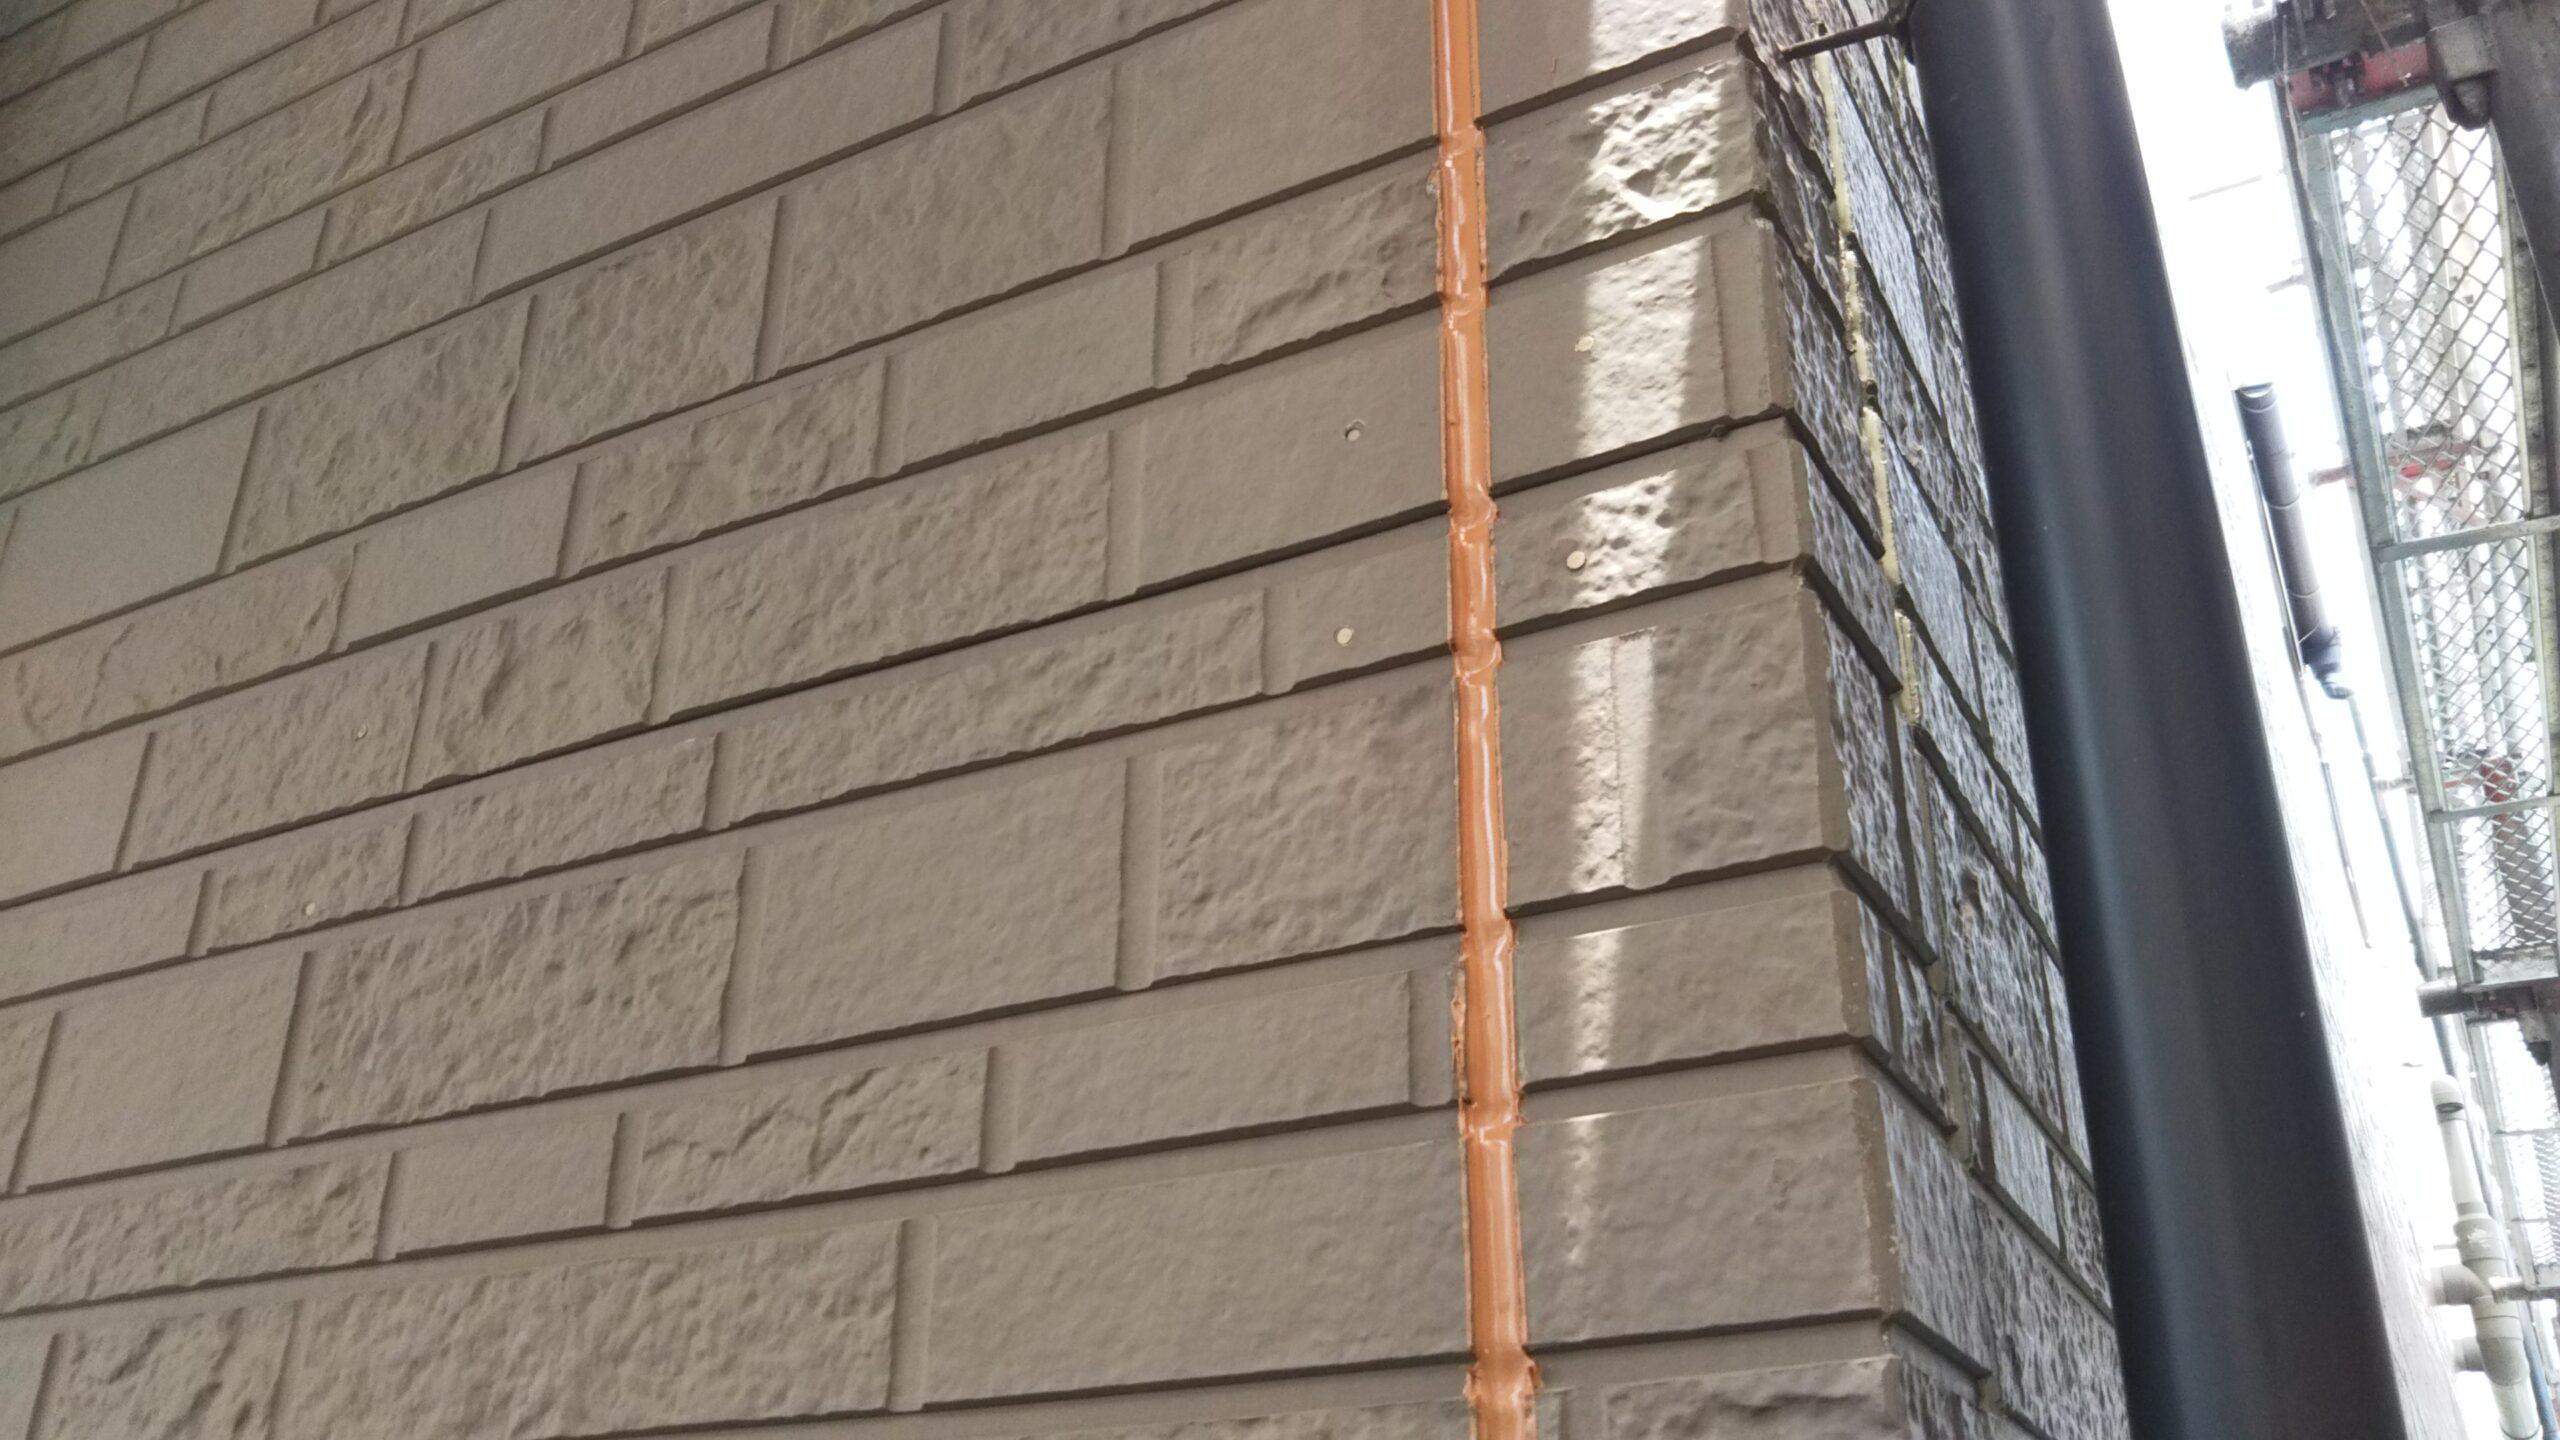 埼玉県さいたま市中央区のK様邸(木造3階建て)にて外壁の養生作業・コーキング打ち替え